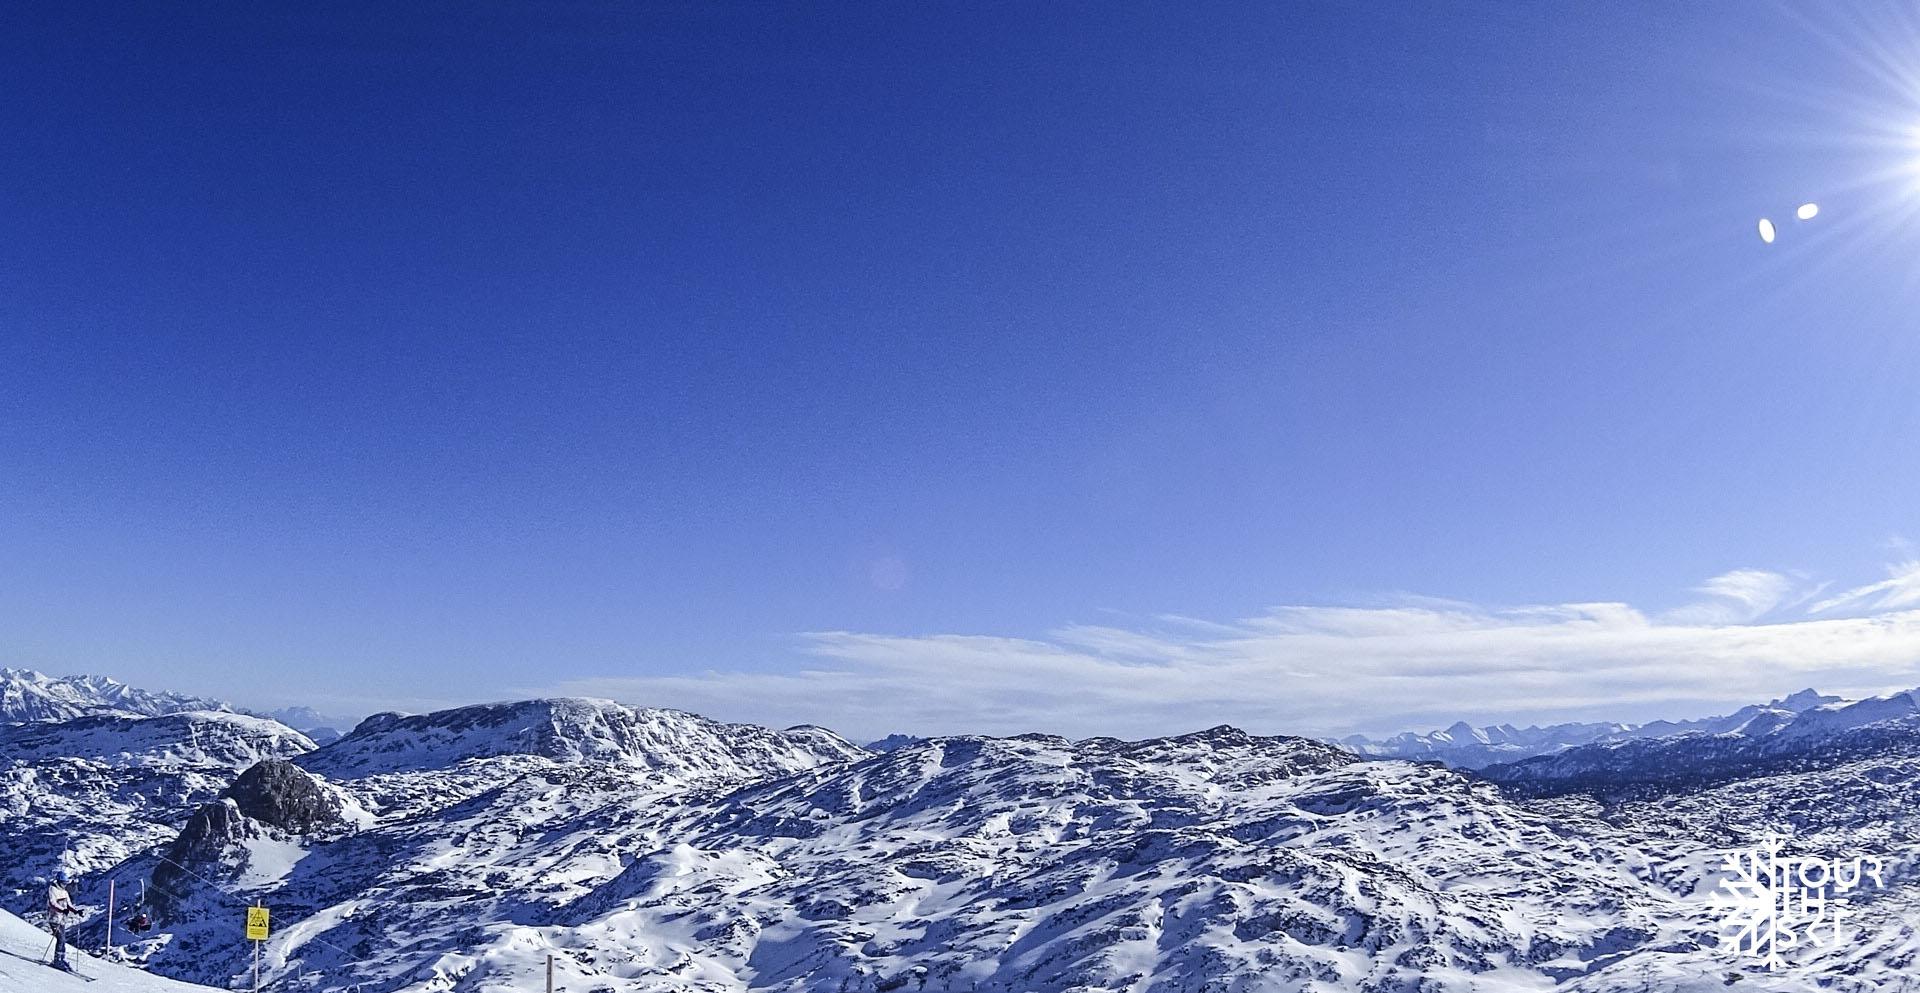 tour the ski